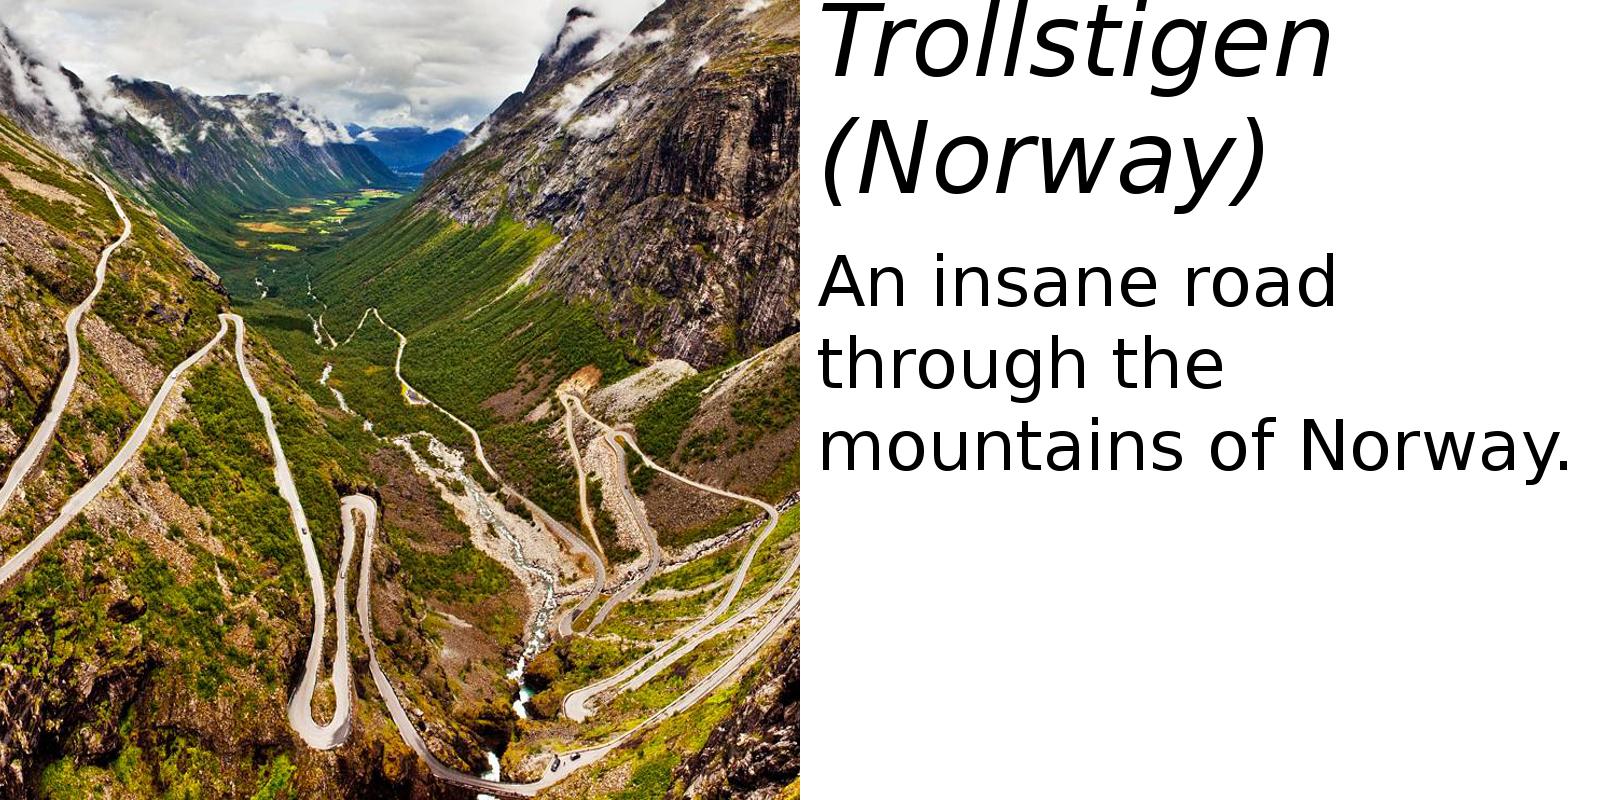 Trollstigen, Norway (description) #2